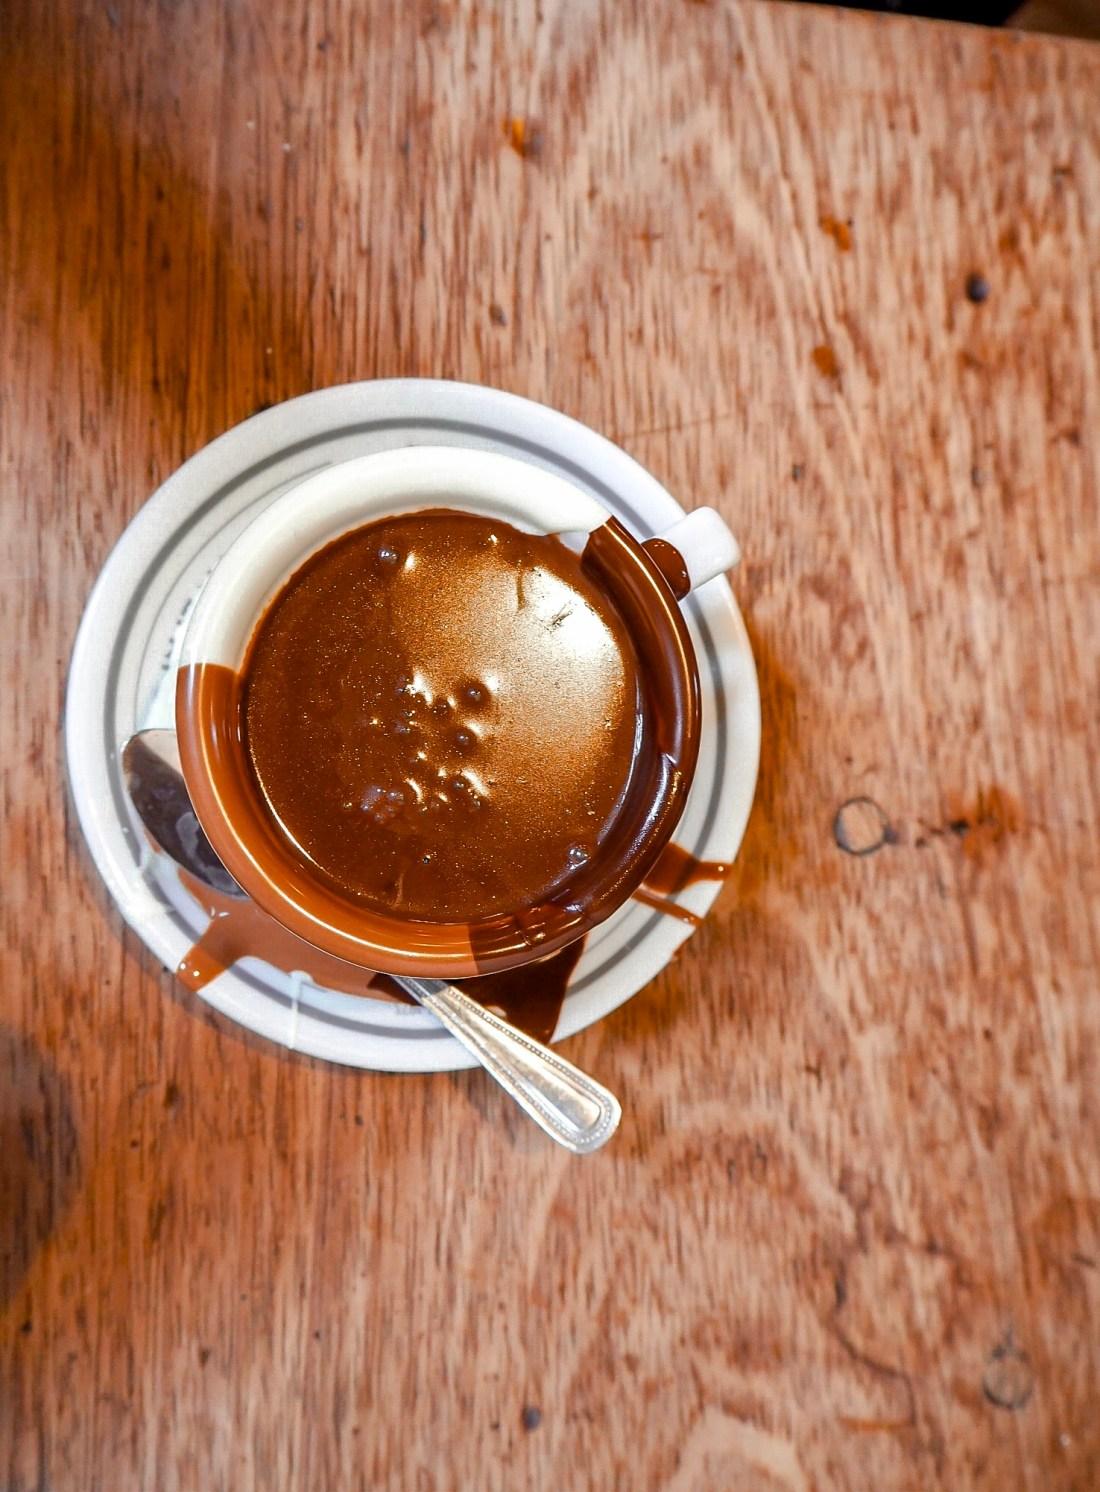 Shiny hot chocolate at Said london